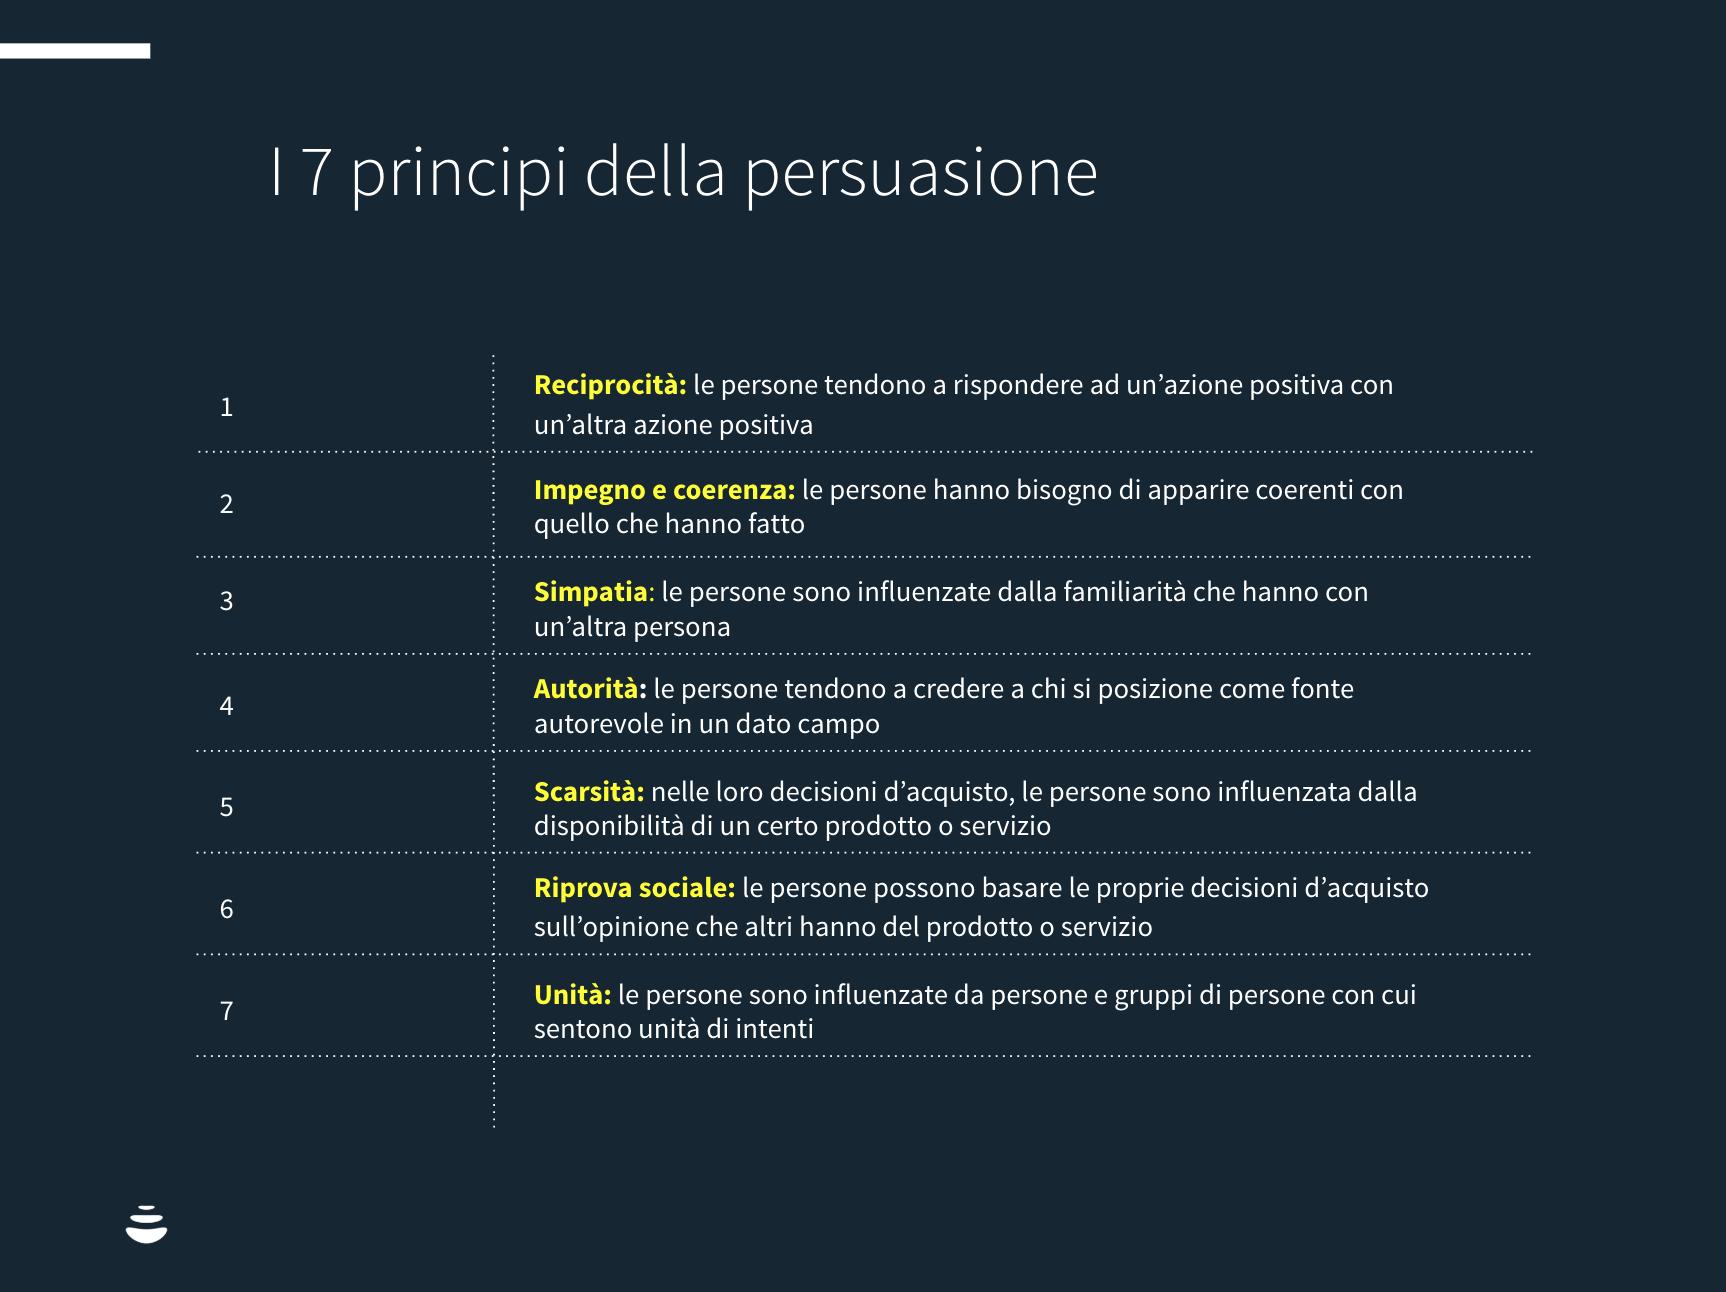 i 7 principi della persuasione robert cialdini